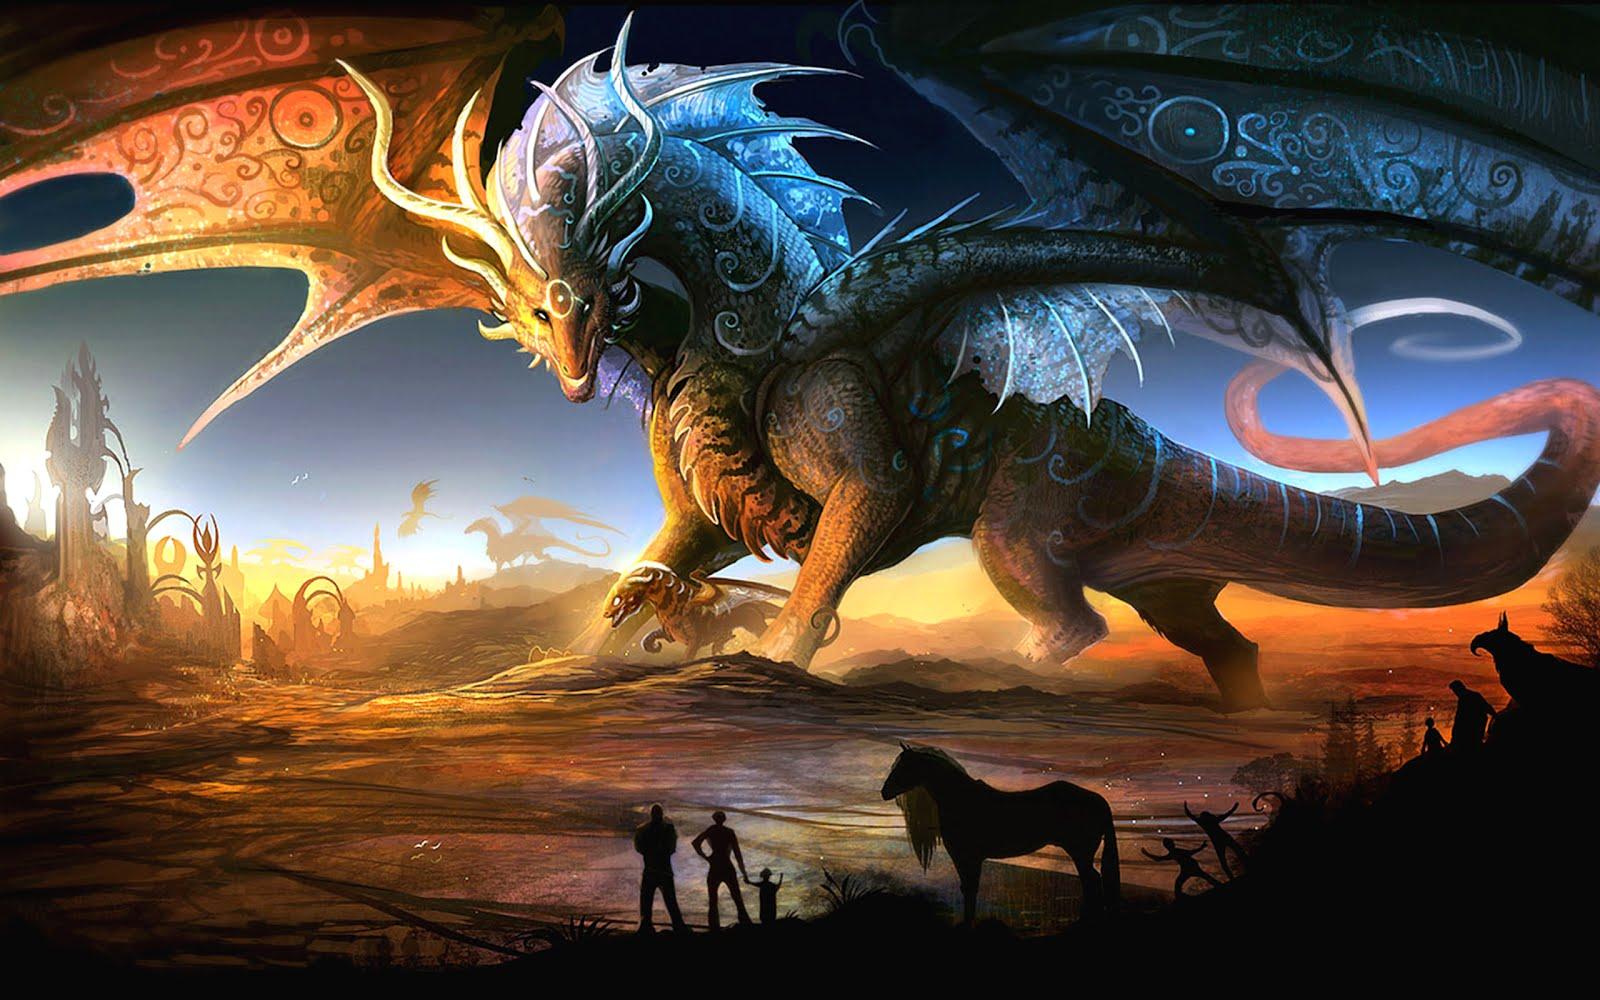 De paseo por la tierra de los dragones (Imágenes Fantásticas)